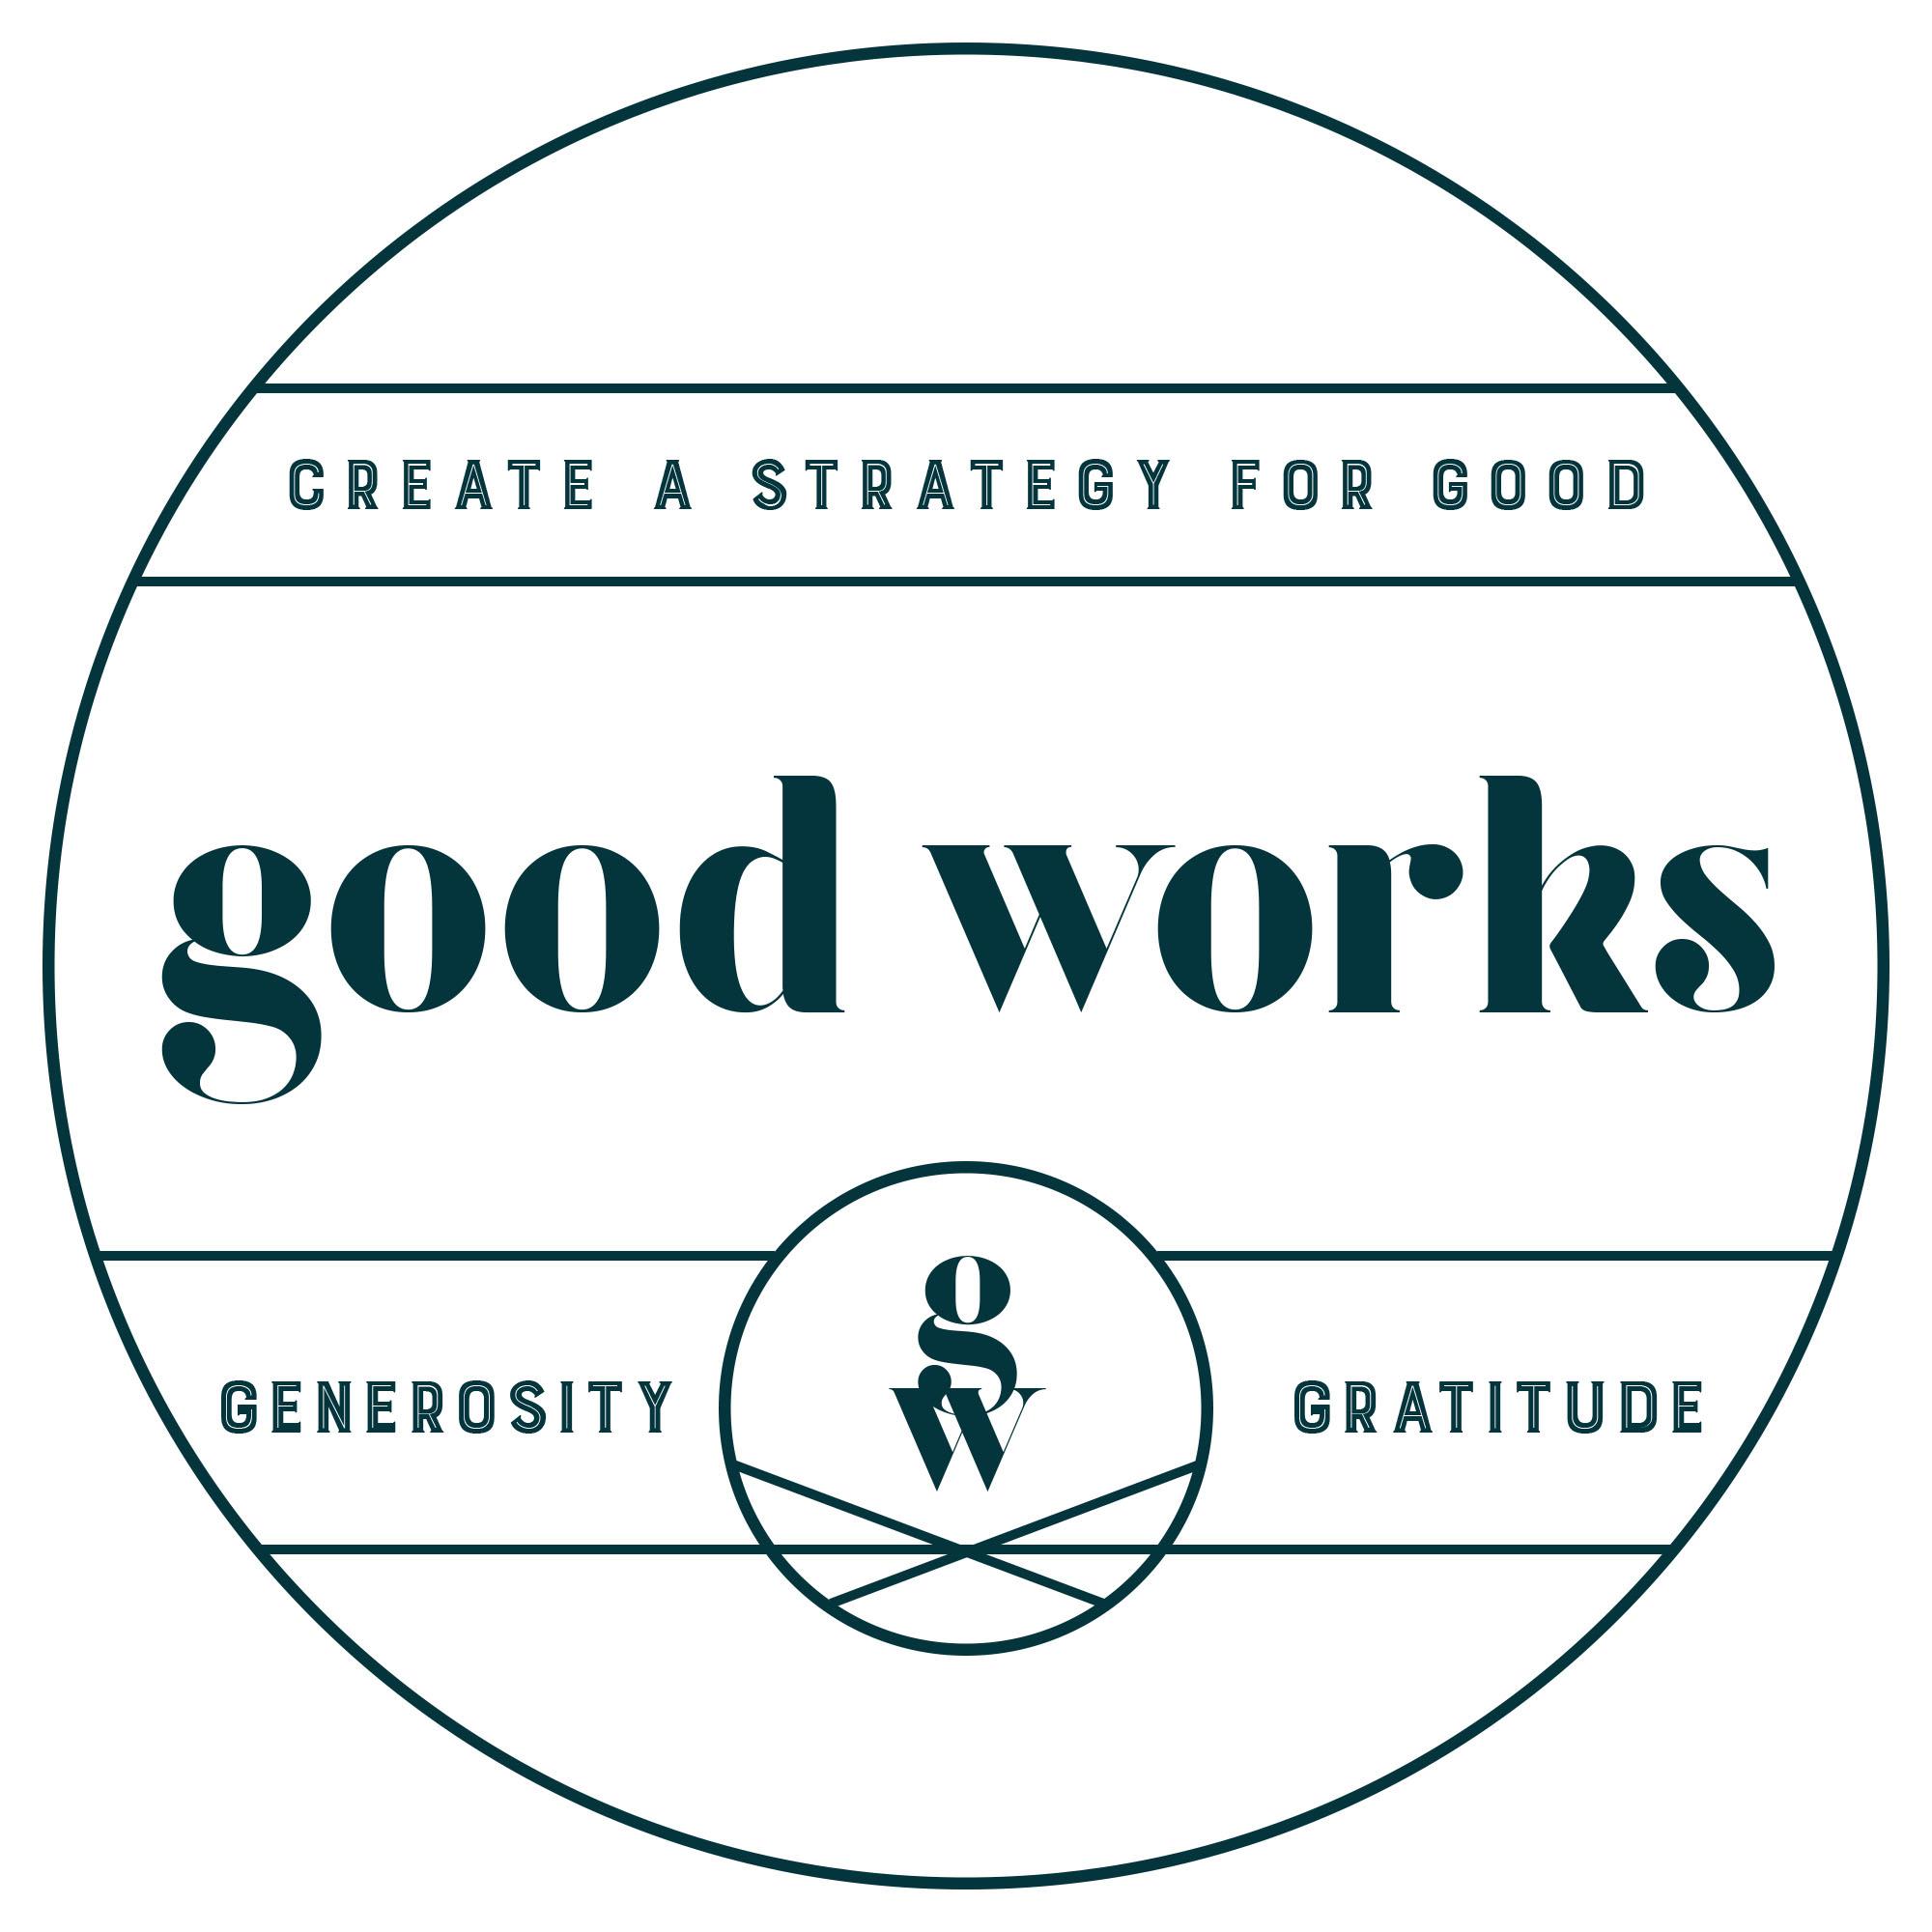 Good-Works-4-jade-copy.jpg